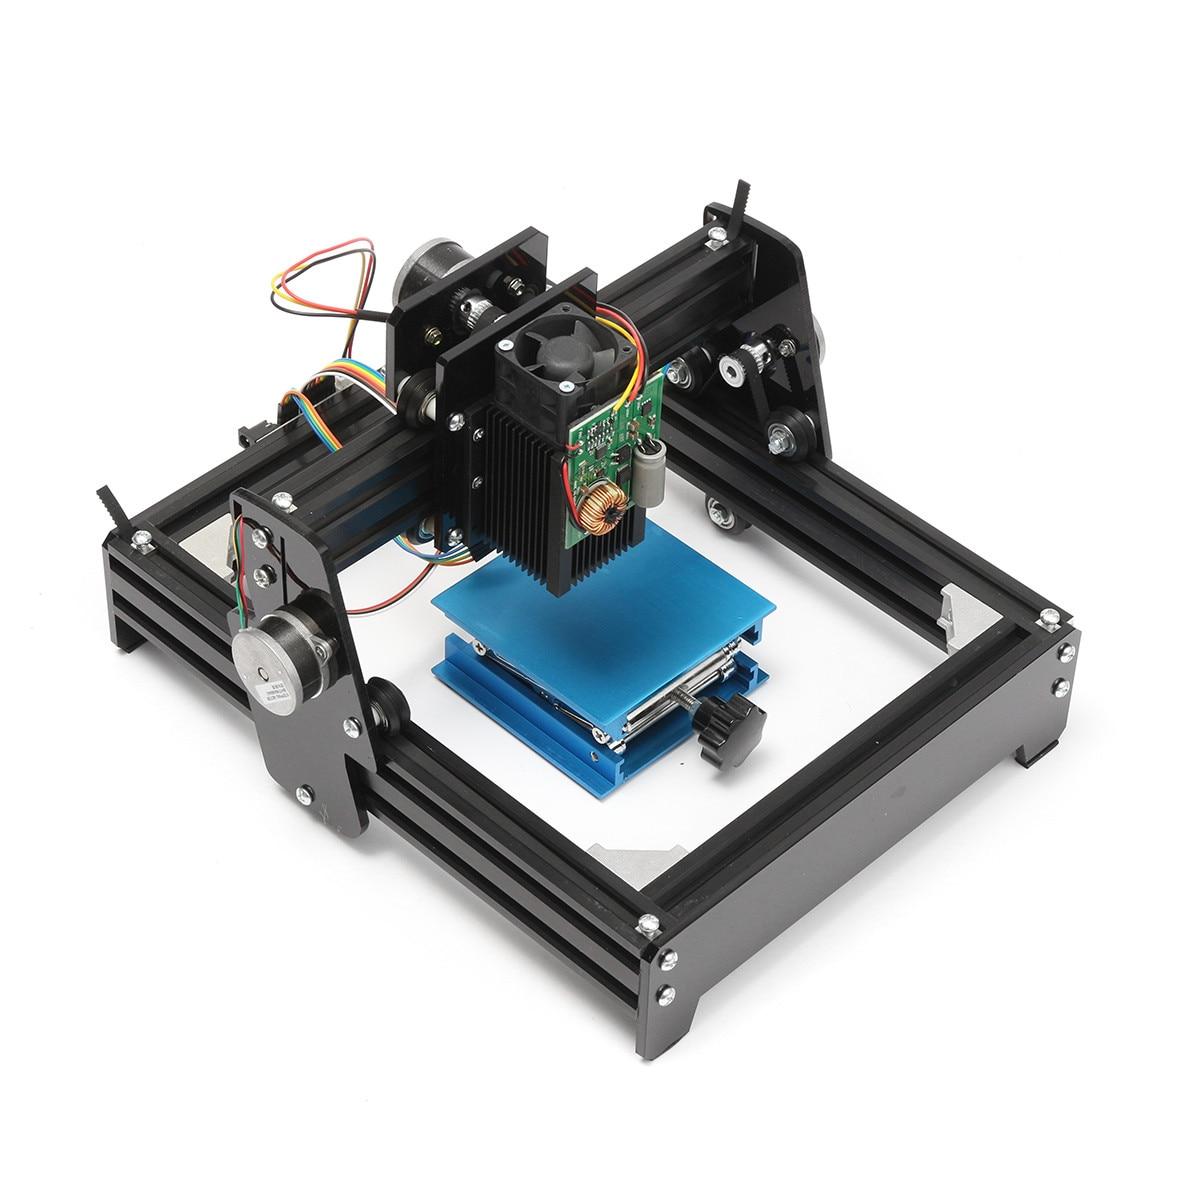 10 Вт 15 Вт USB лазерный металлорежущий станок лазерной маршрутизатор ENGRAVER CNC DIY маркировочная машина для лазерной резки металла камень, древес...